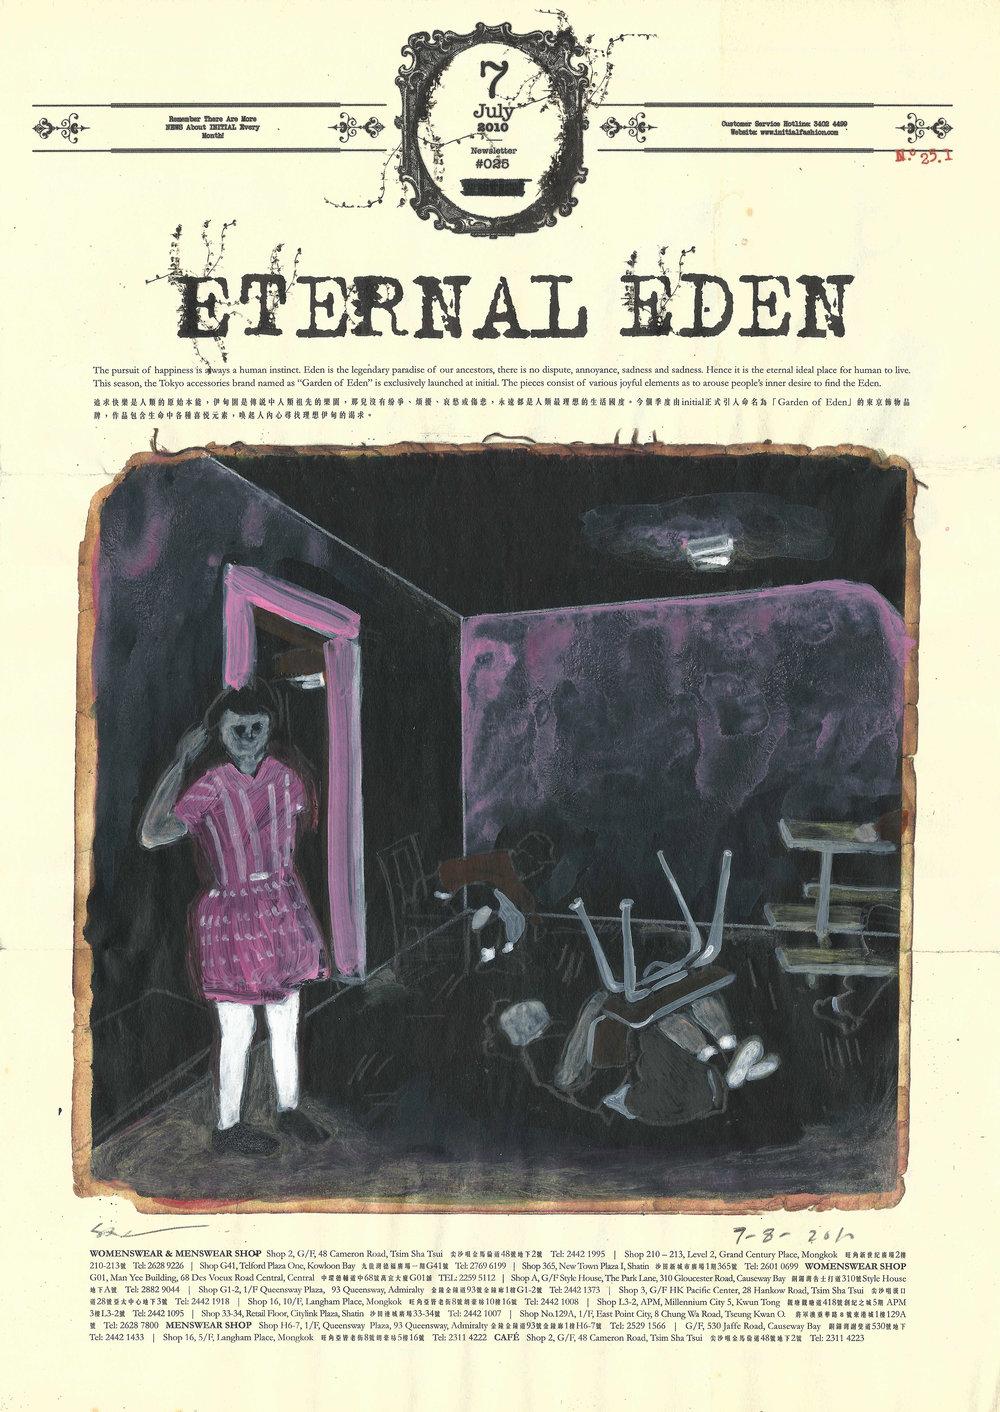 Szelit_Eternal Eden I.jpg